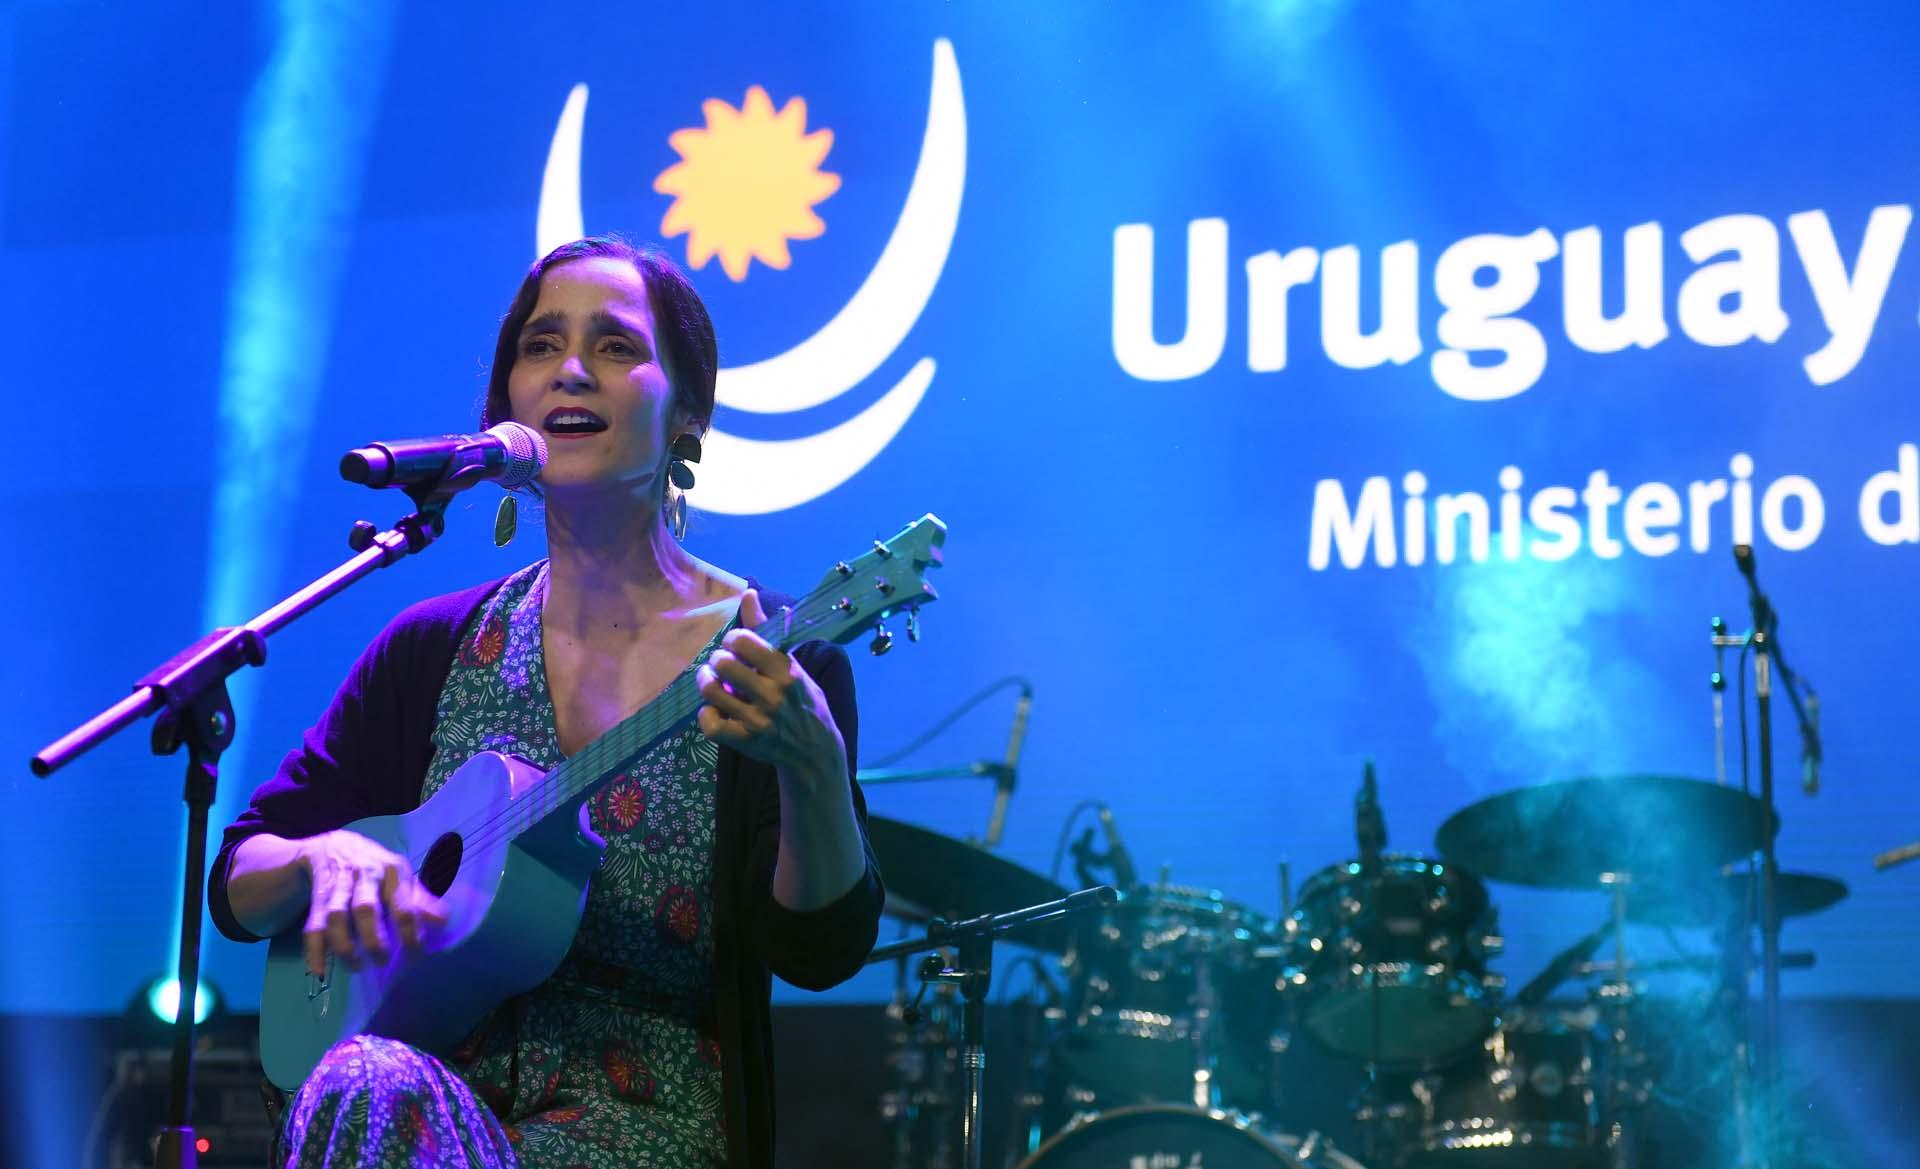 Julieta Venegas, quien ha mostrado en reiteradas oportunidades ser una apasionada por Uruguay, durante su presentación